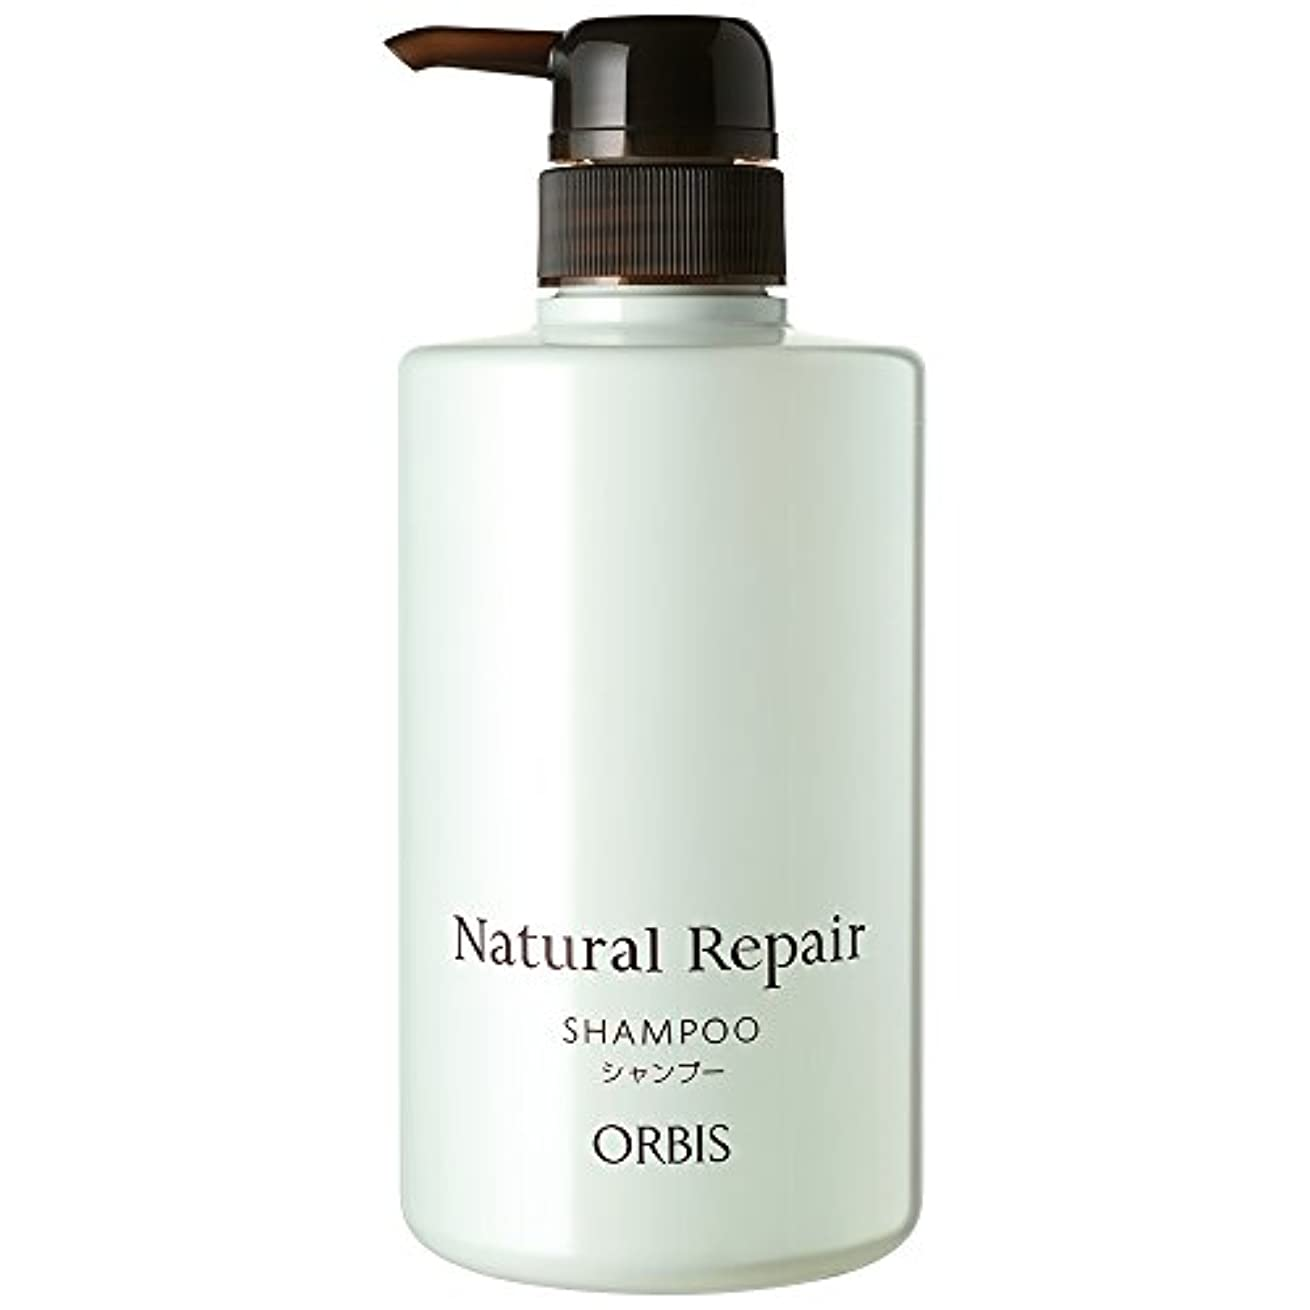 ぼかすご注意免疫するオルビス(ORBIS) ナチュラルリペア シャンプー 420mL